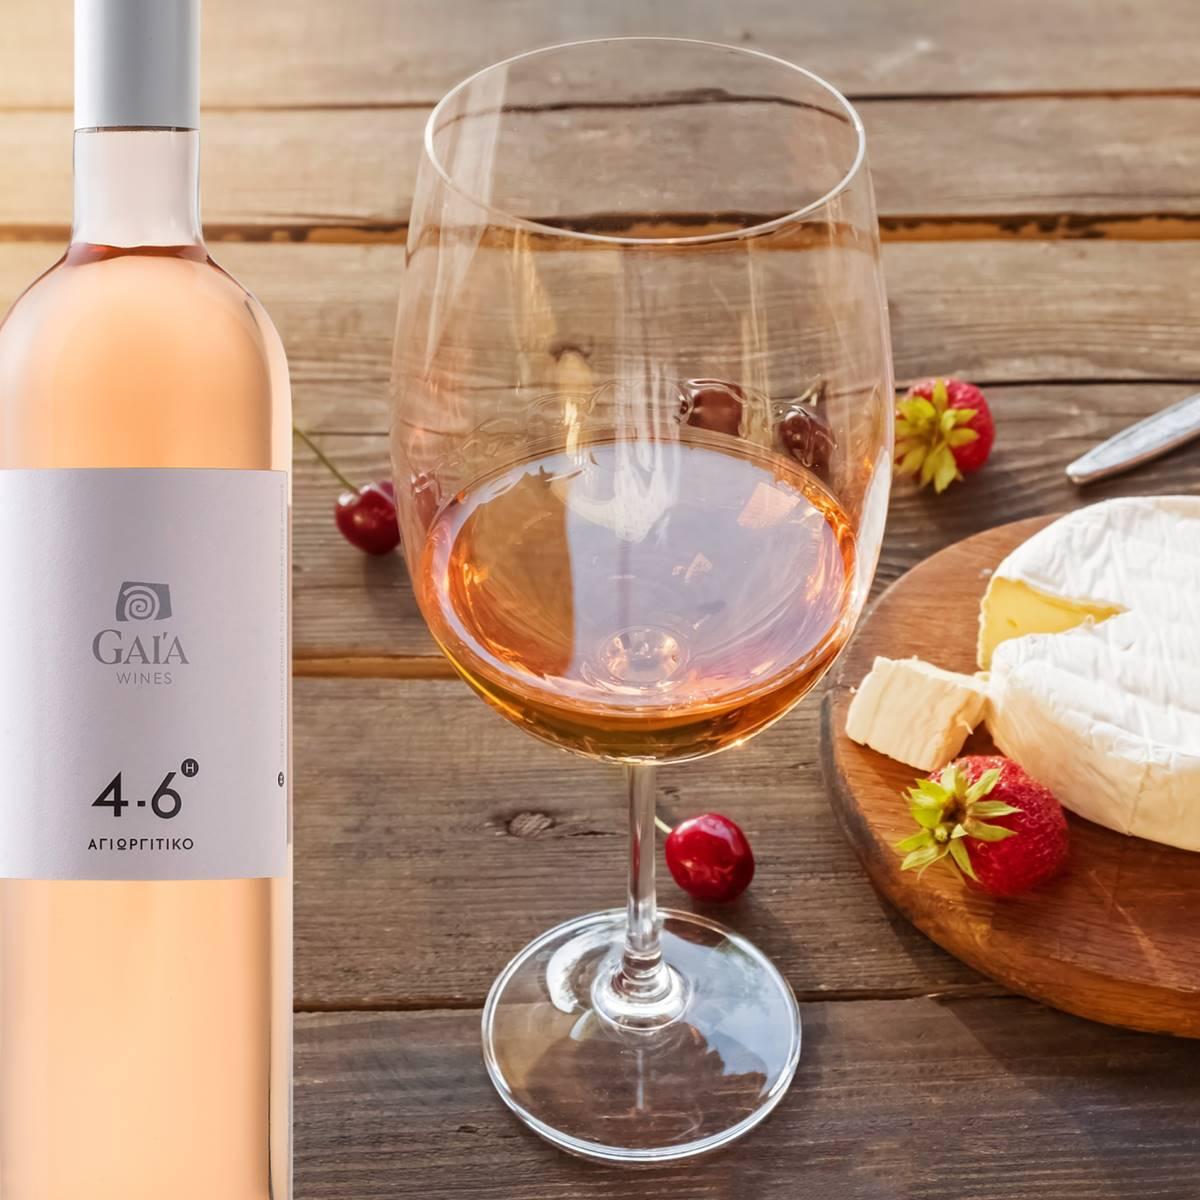 Wine Pairing 4-6h Rose - Gaia Wines